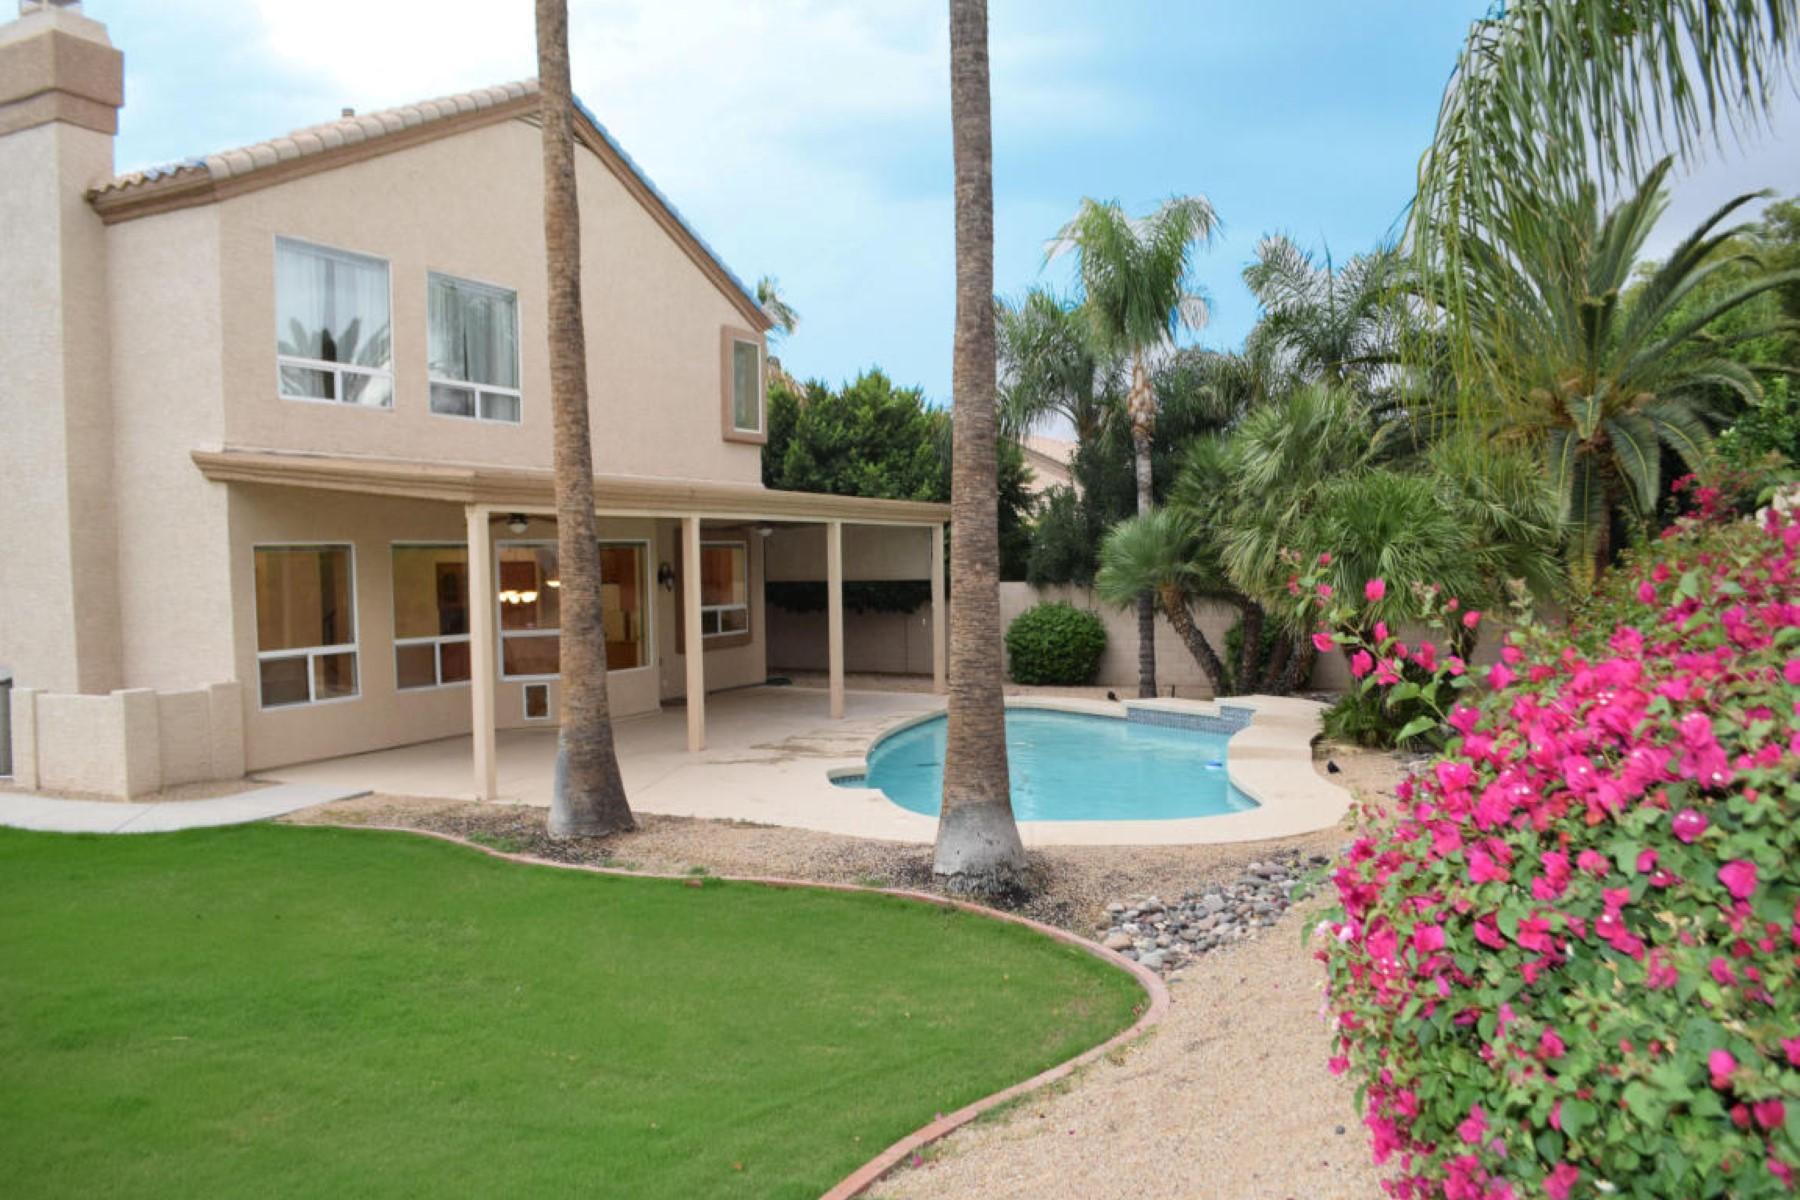 Casa para uma família para Venda às Fantastic updated home in Phoenix 5442 E Anderson Dr Scottsdale, Arizona, 85254 Estados Unidos